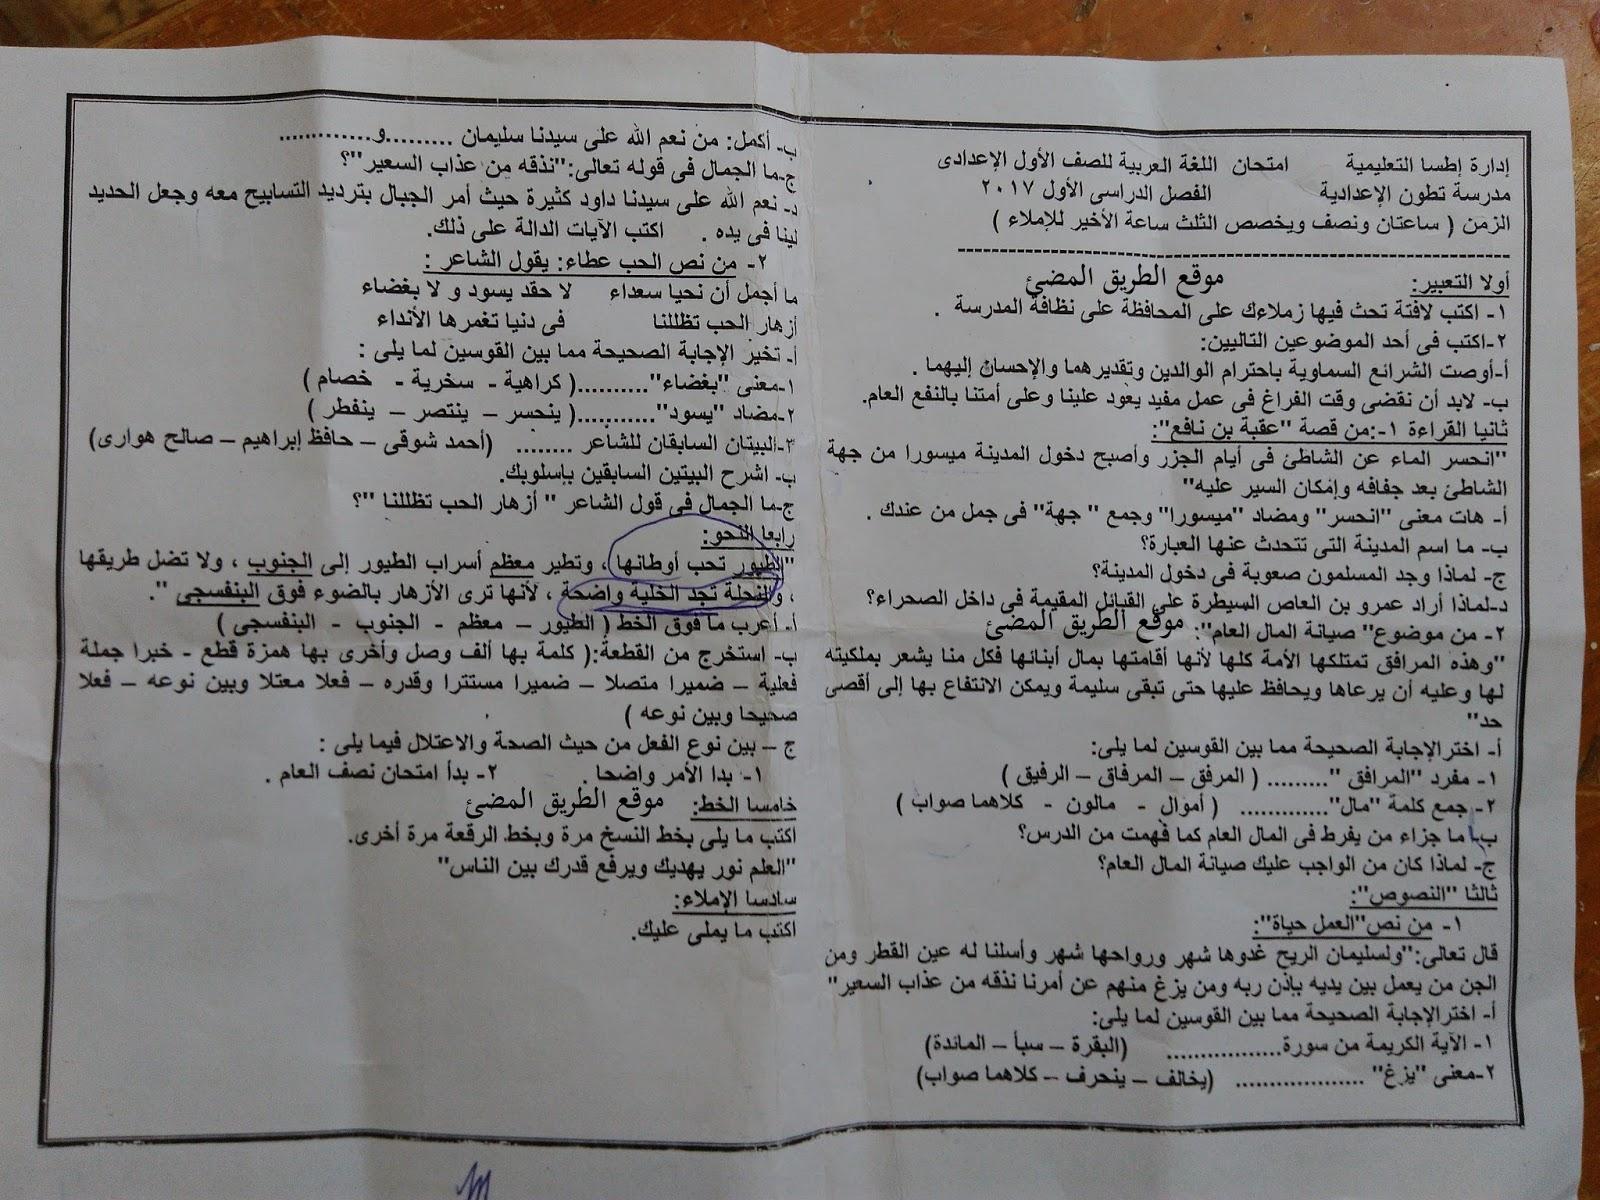 تجميع ,امتحانات نصف العام الرسمية فى اللغة العربية الصف الاول الاعدادى الترم الاول .امتحان عربى نصف العام اولى اعدادى